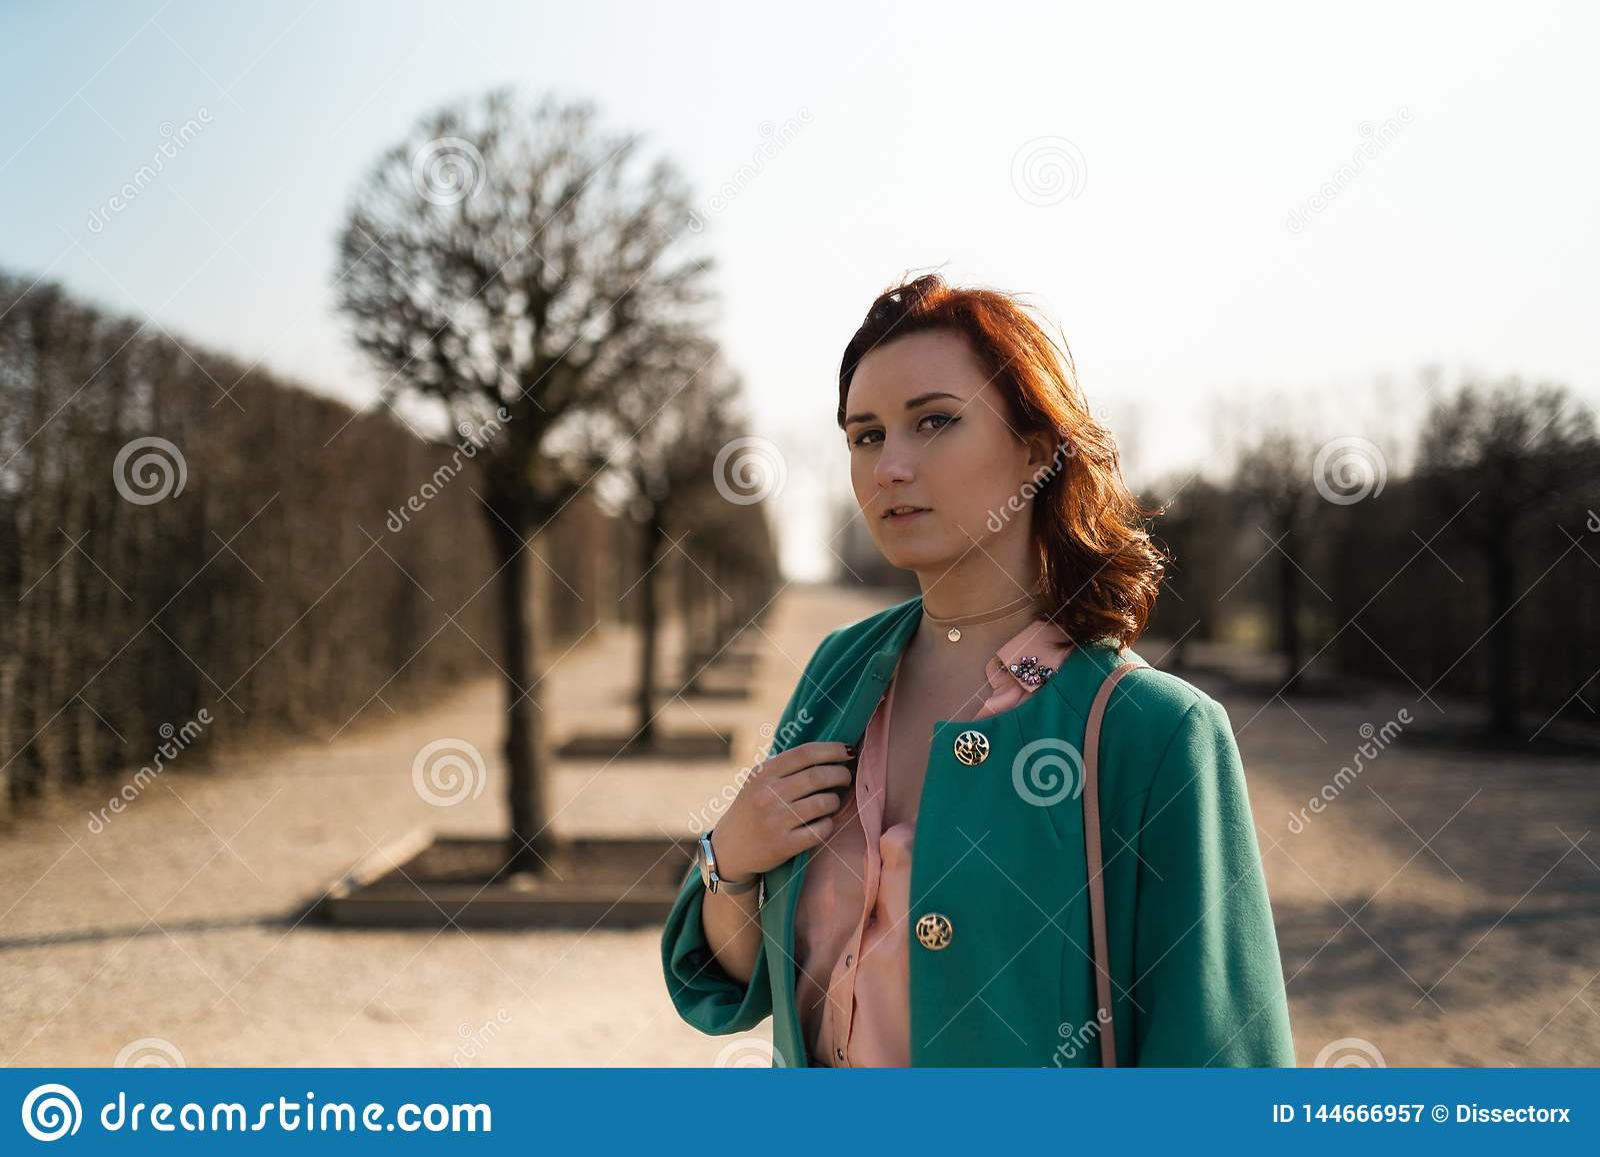 Jeune femme d amant de mode waling en parc utilisant la veste verte vive et une jupe colorée